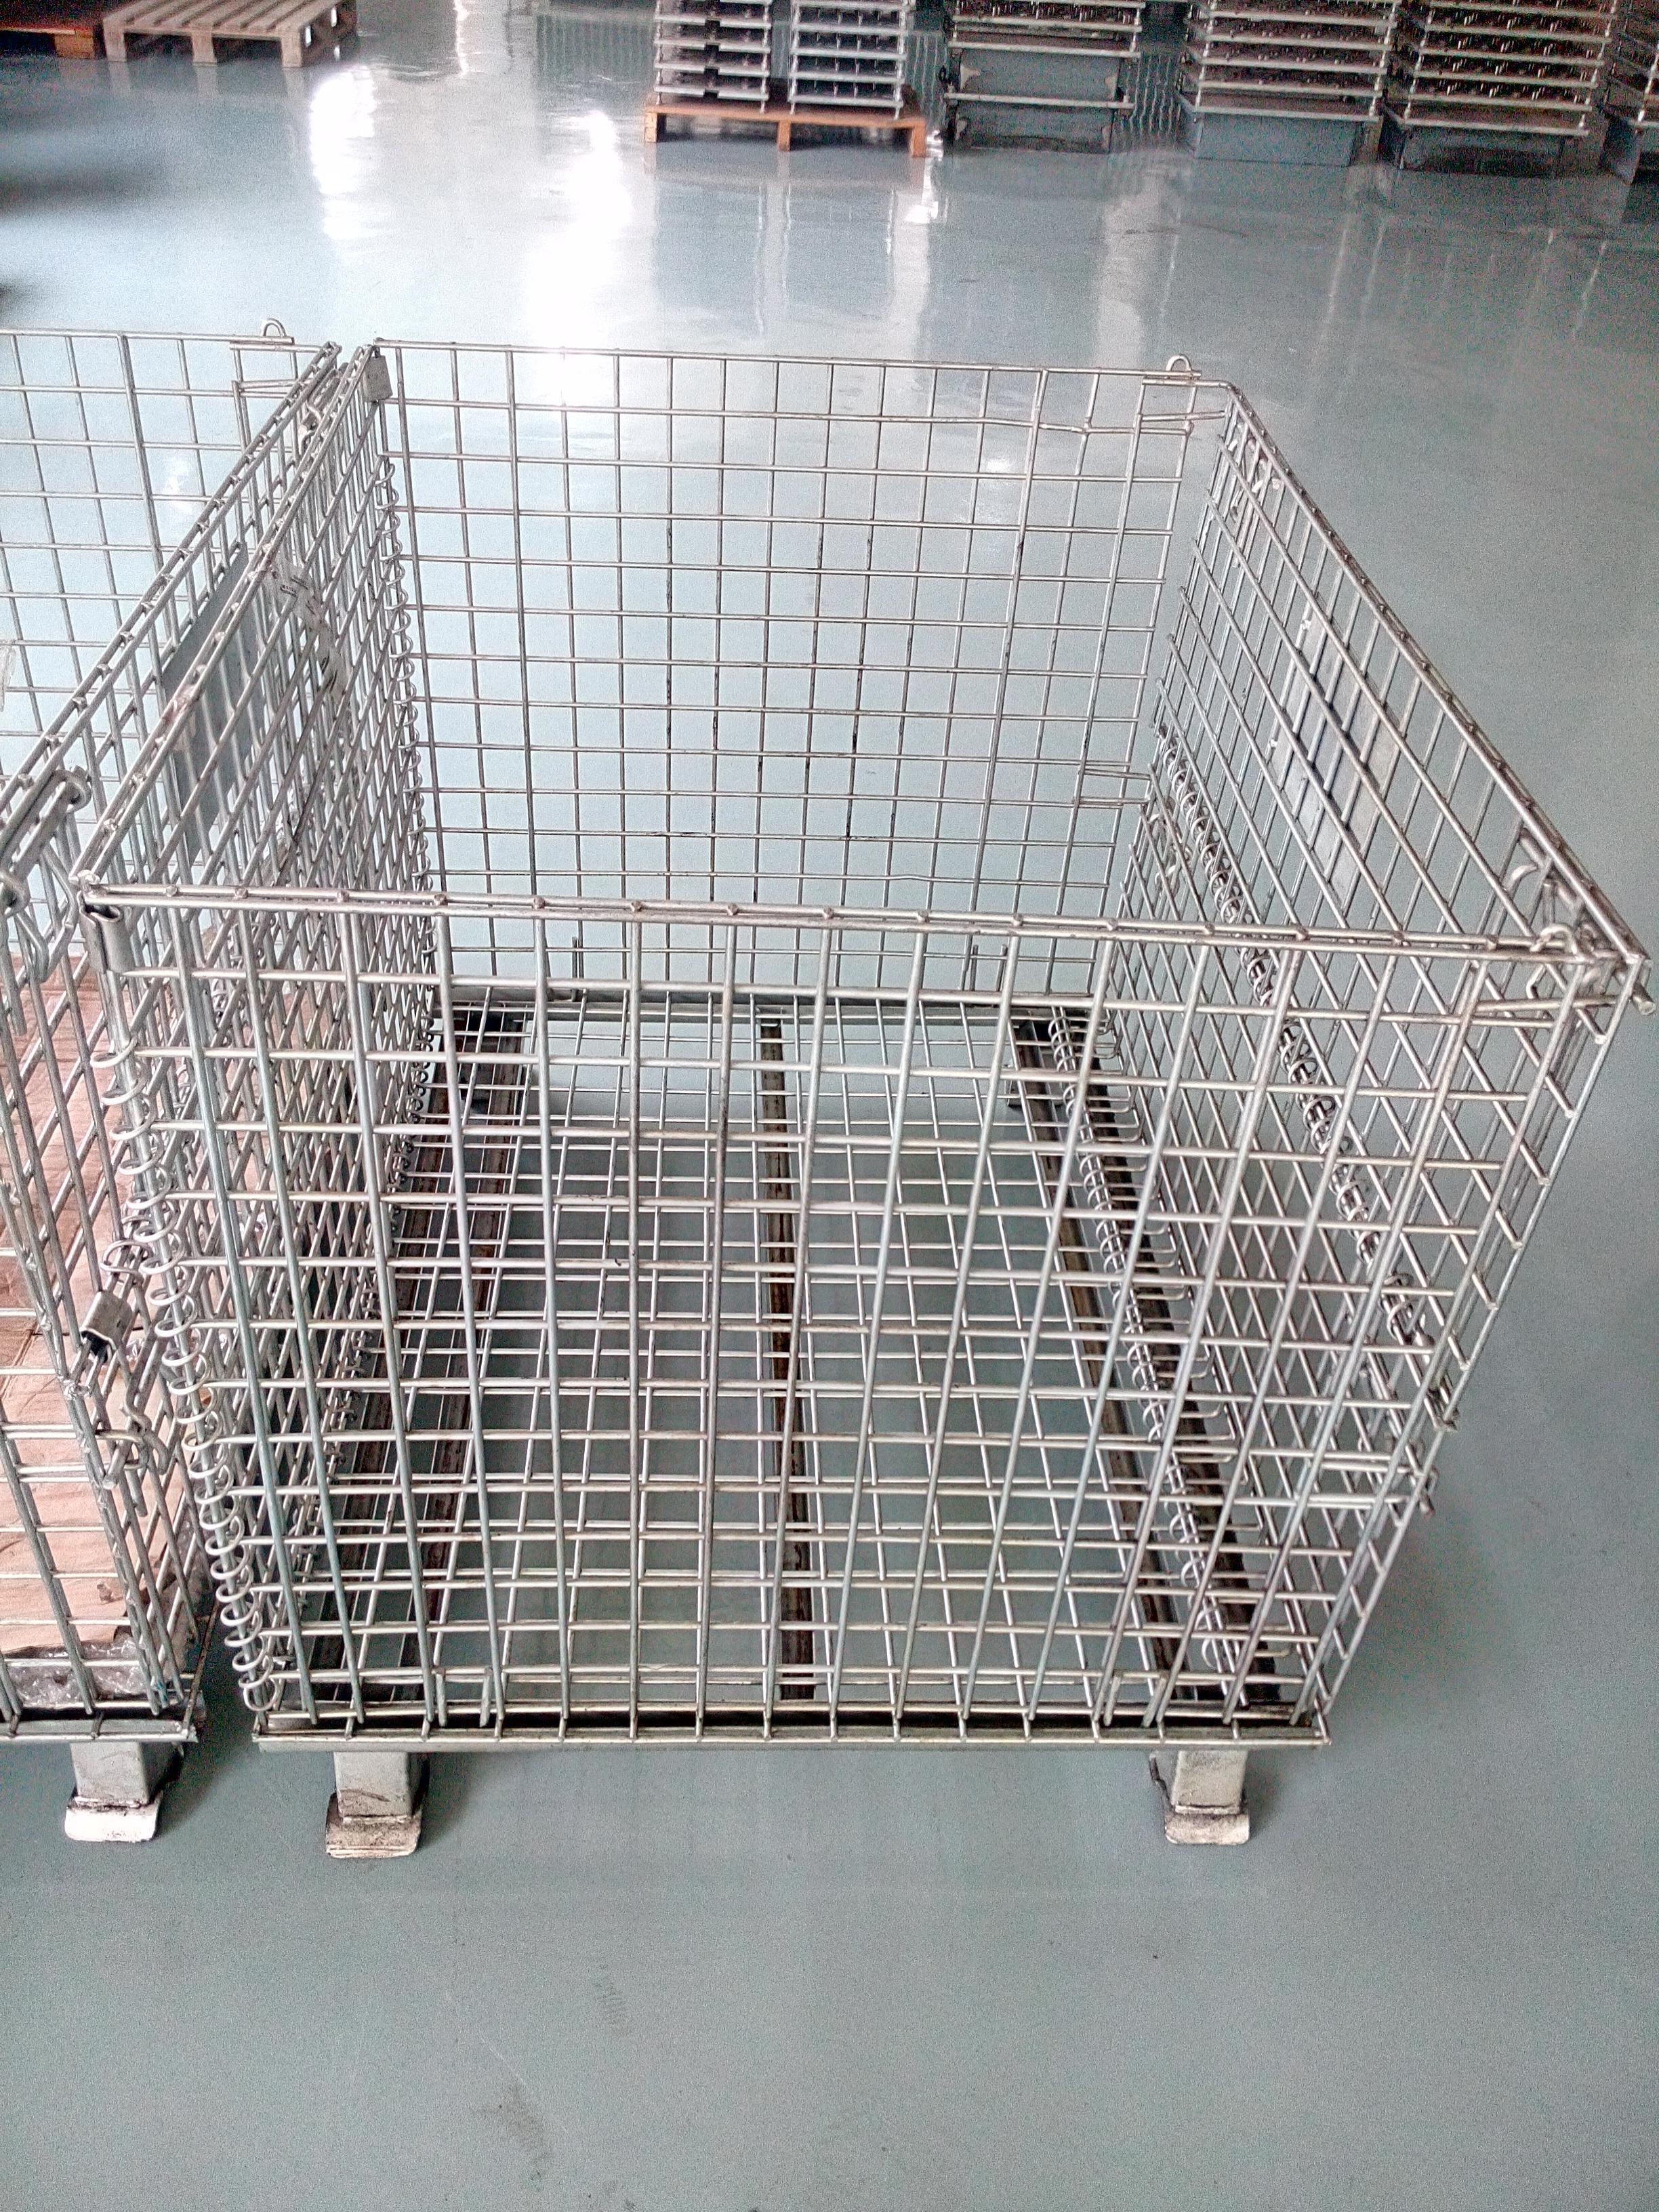 仓储笼,仓储笼生产厂家,仓库笼供应商,上海铁笼子生产厂家 仓储铁笼